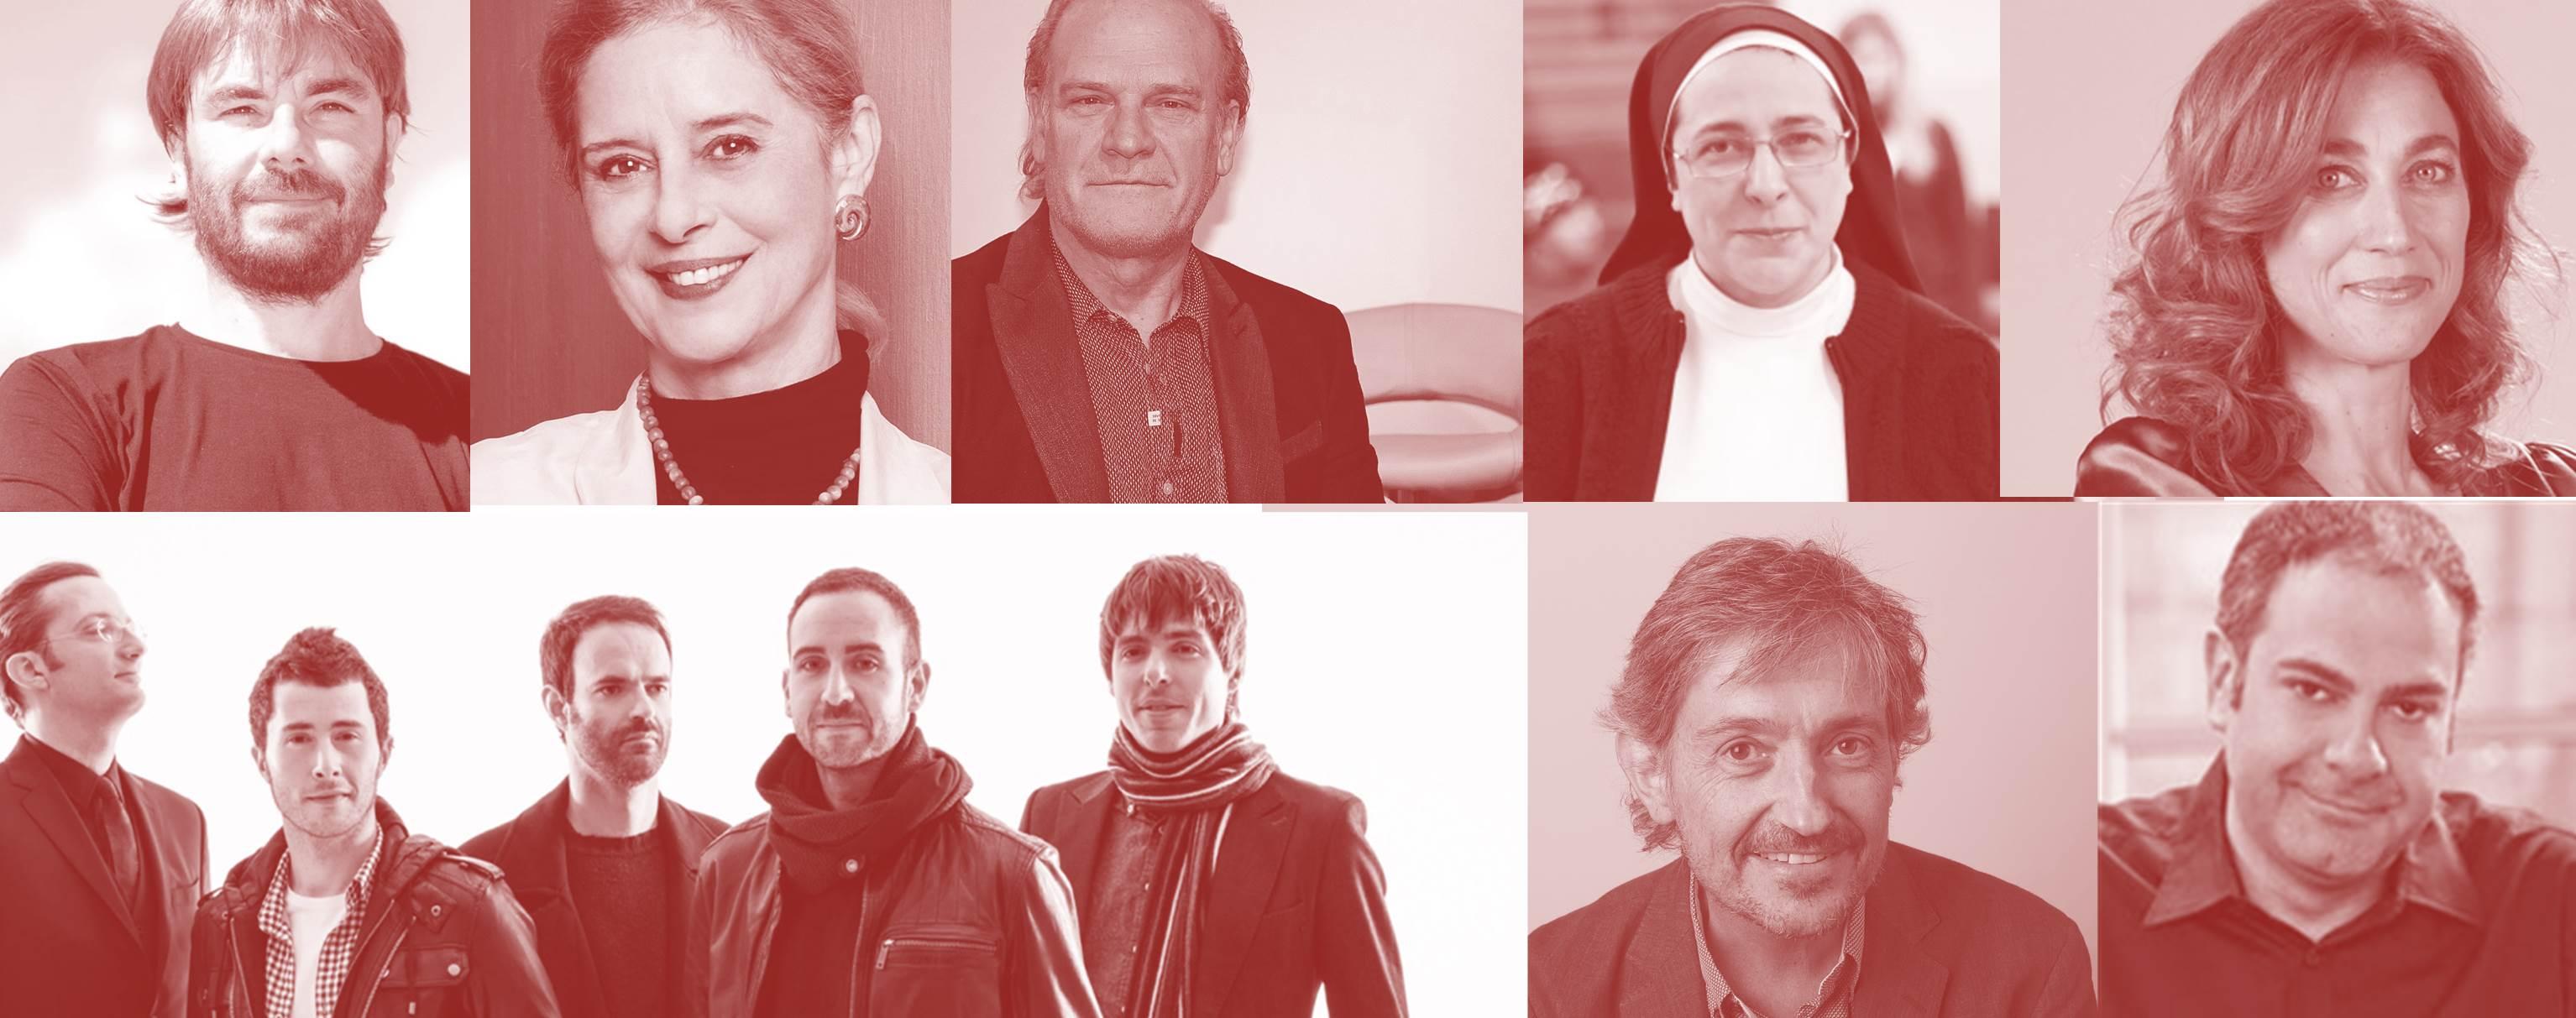 Lluis Homar, Quim Masferrer i Blaumut entre d'altres, a la Gala d'El Vallenc el 17 de setembre